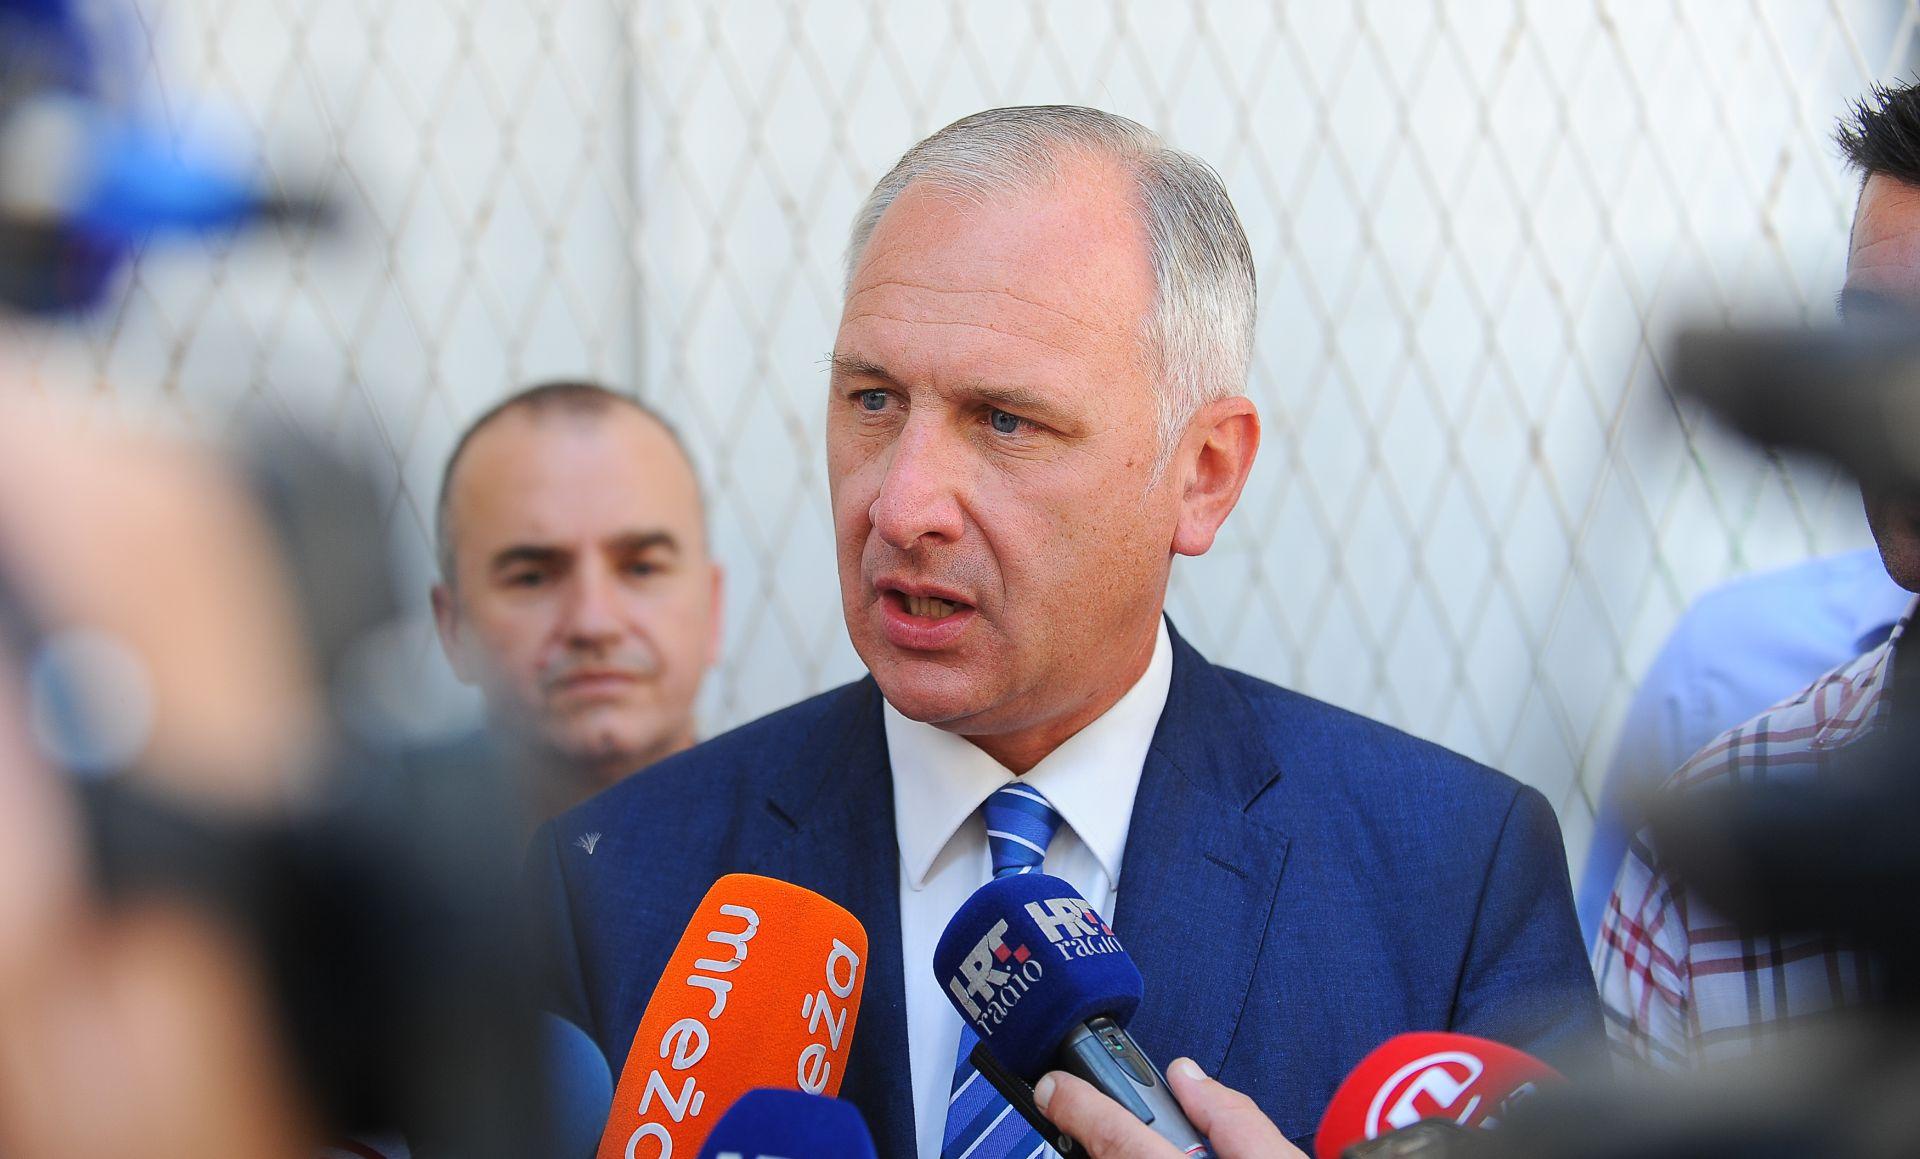 MINISTARSTVO ZAŠTITE OKOLIŠA I ENERGETIKE Sastanak o stanju na splitskom odlagalištu otpada Karepovcu